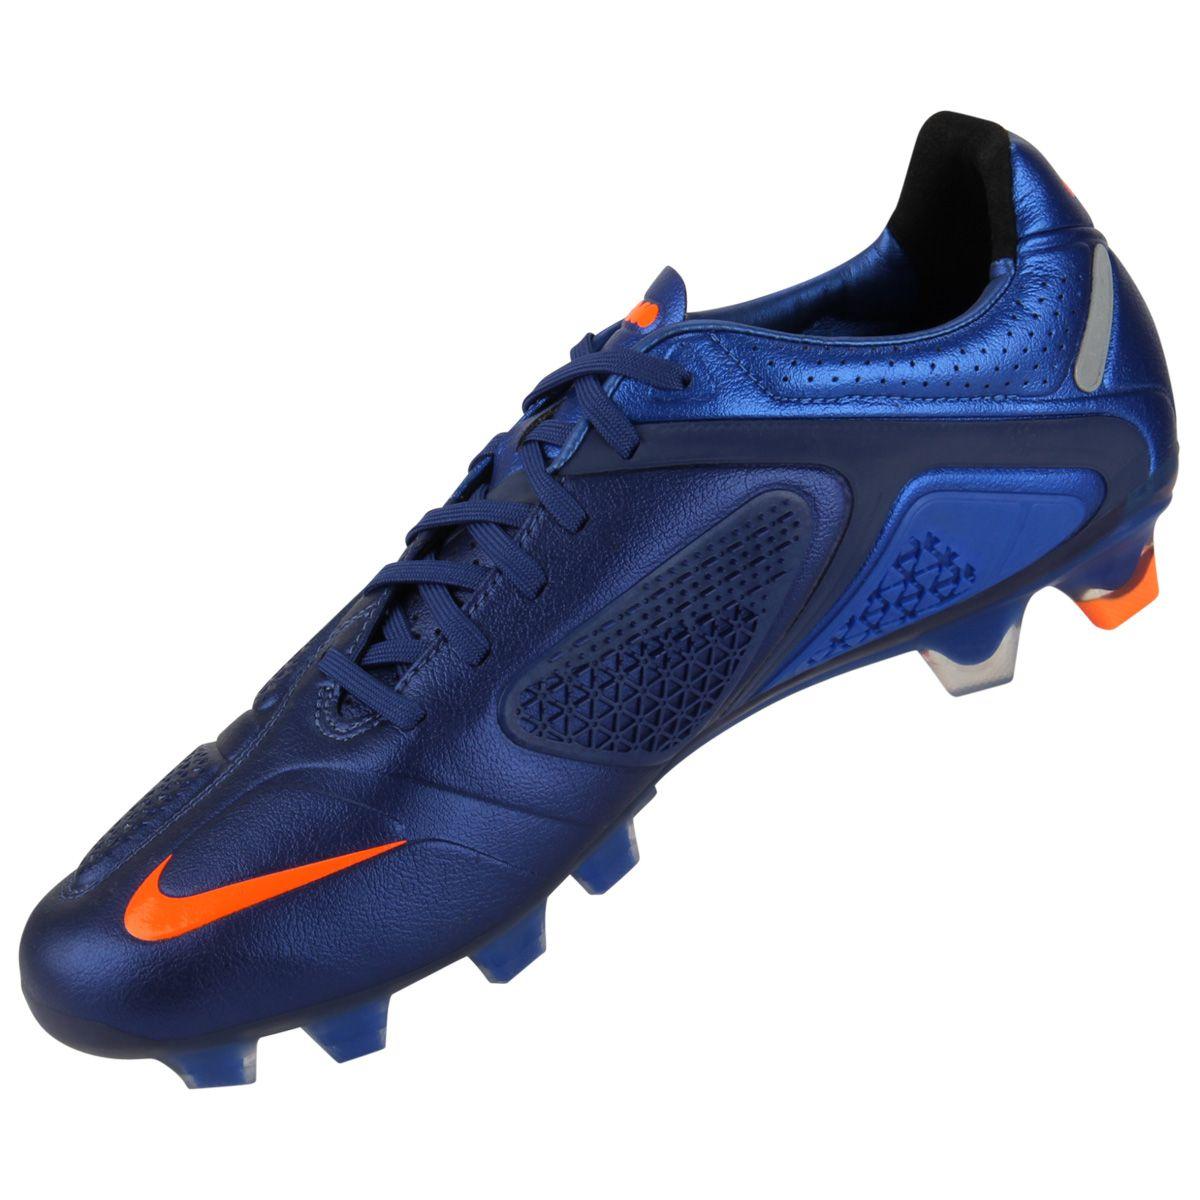 best service eb846 28ef6 Botines Nike CTR360 Maestri 2 FG - Netshoes